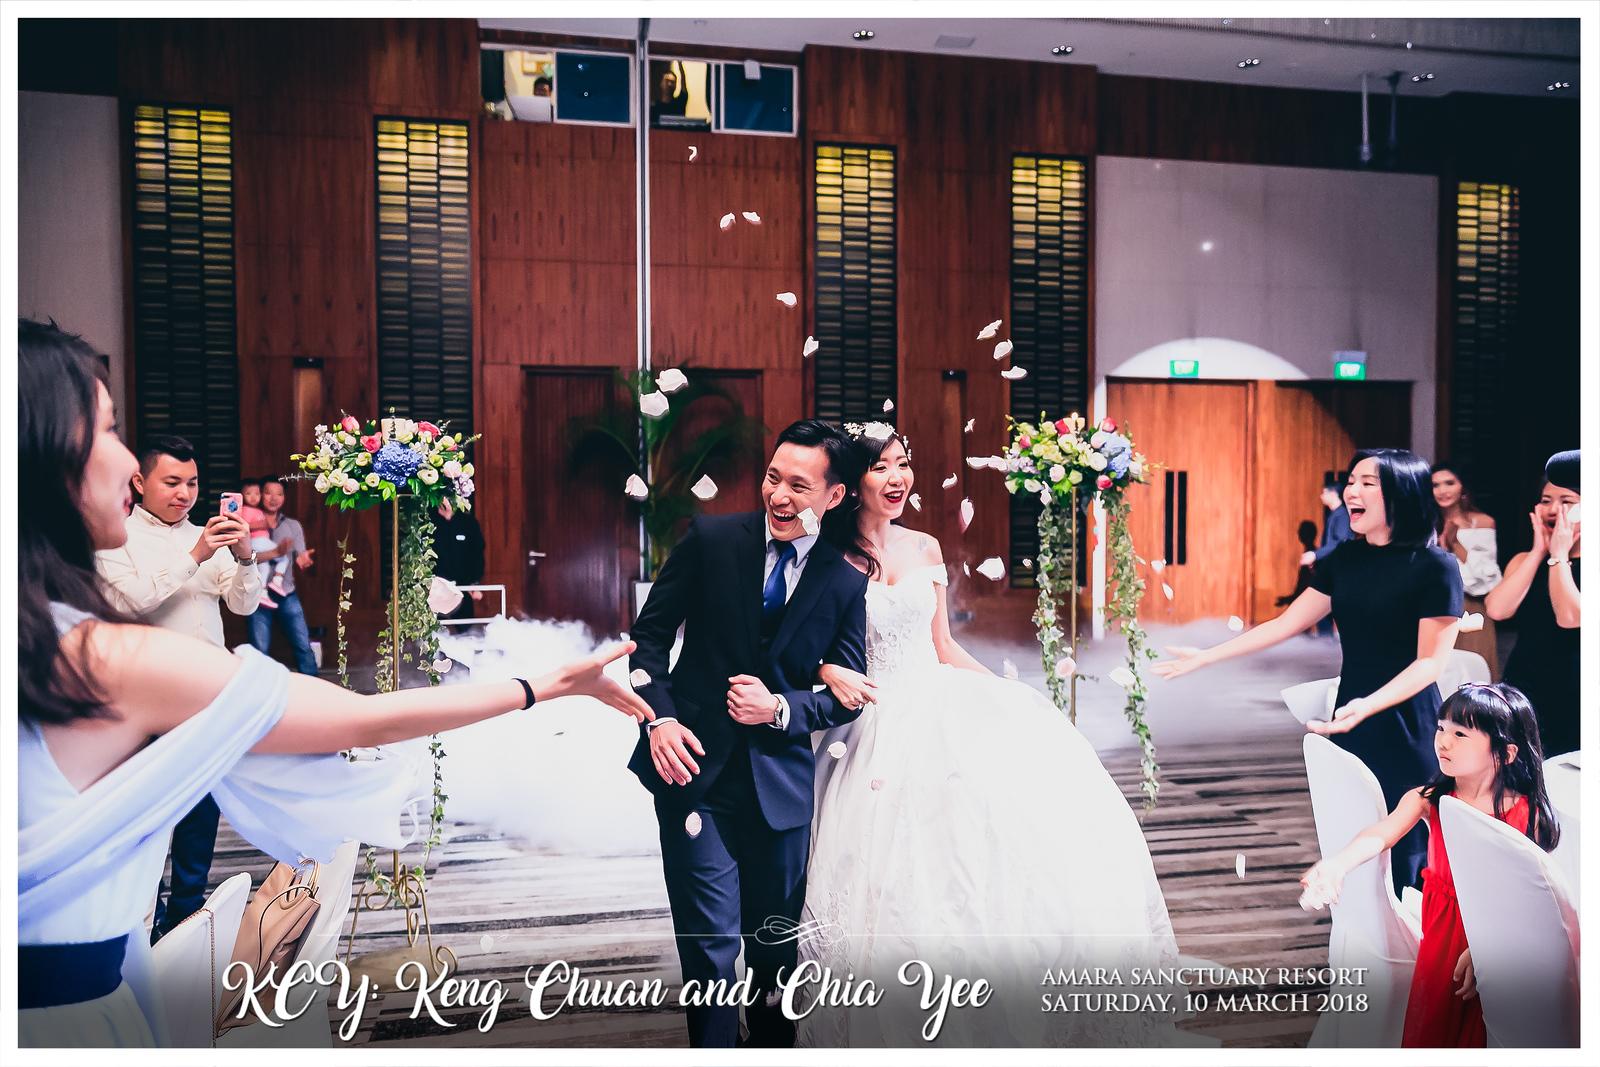 Wedding of Keng Chuan & Chia Yee | © www.SRSLYPhotobooth.sg